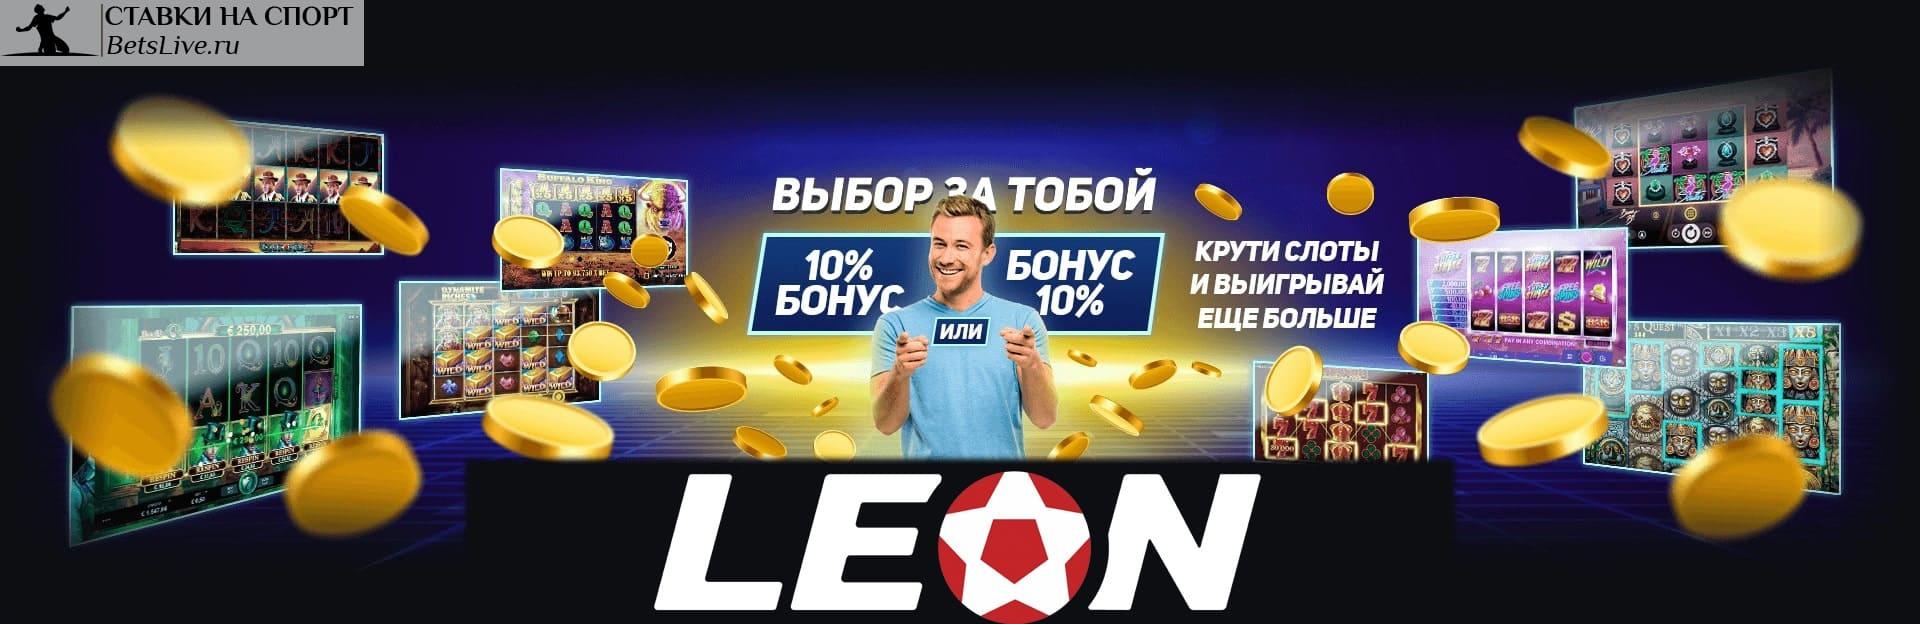 10% бонус или бонус 10% акция от Leonbets